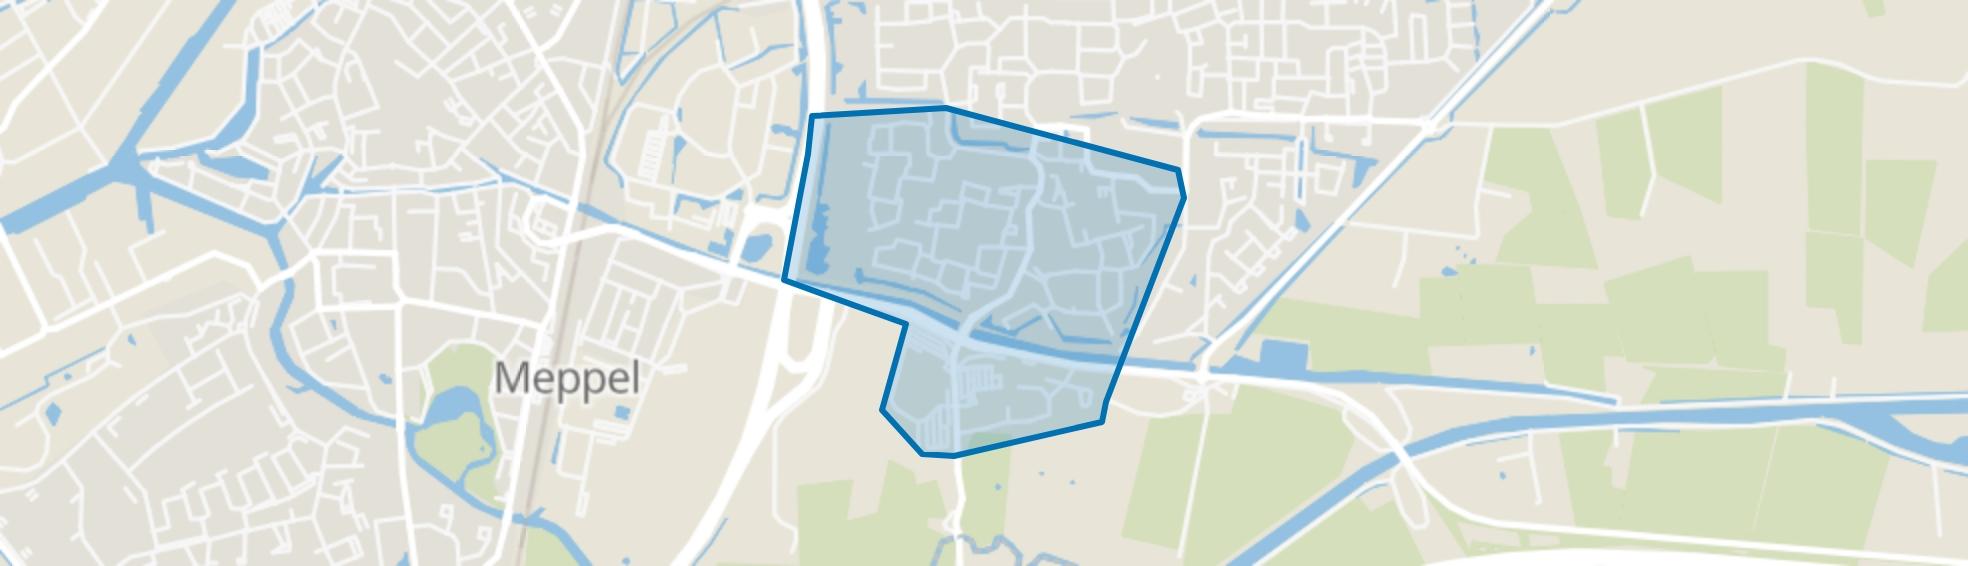 Verzetsbuurt, Meppel map